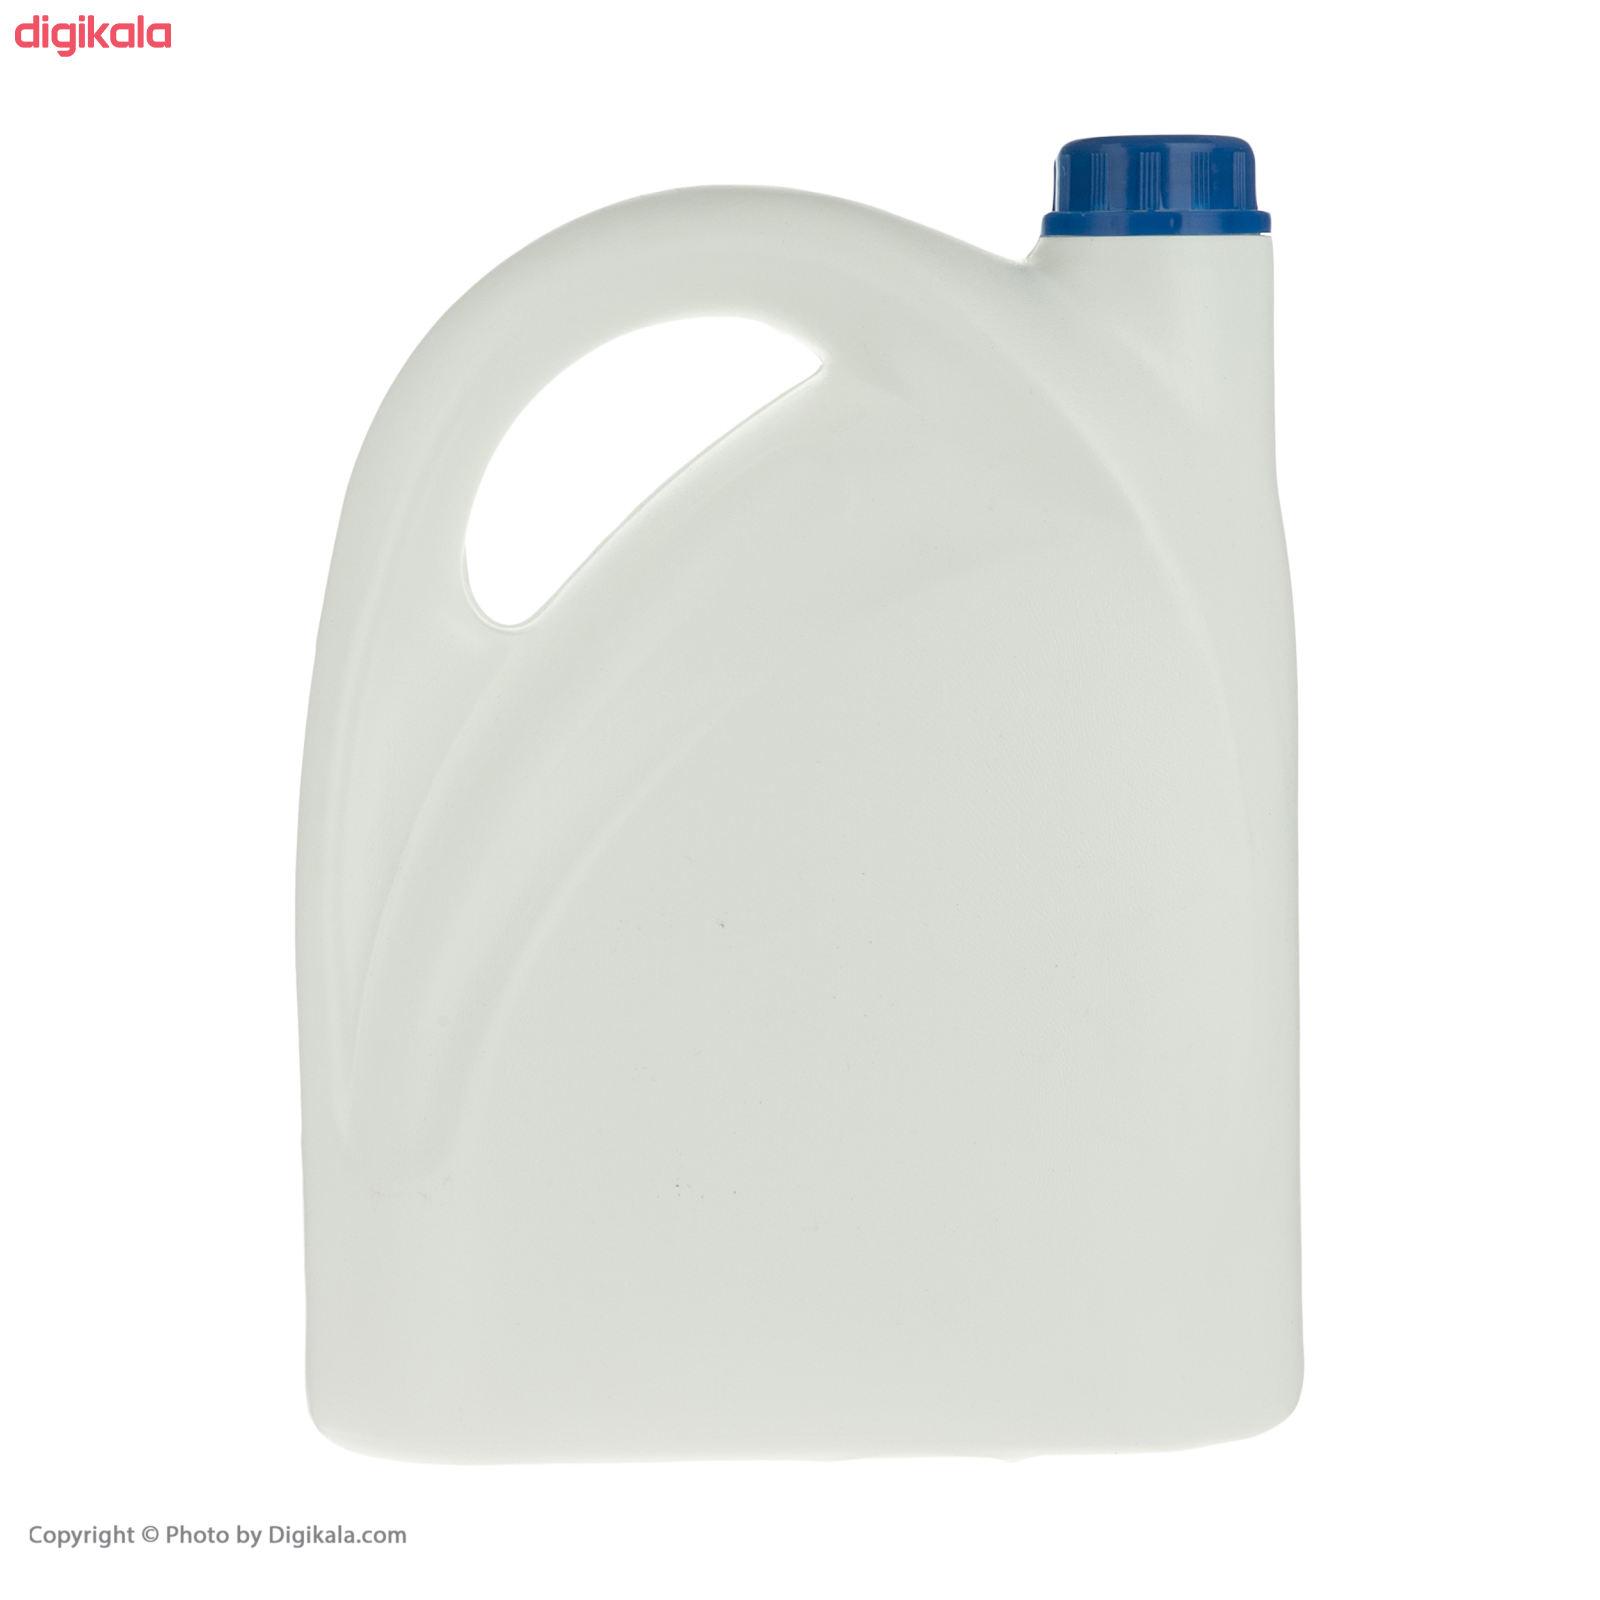 مایع دستشویی نیارو مدل وانیل حجم 3750 گرم main 1 1